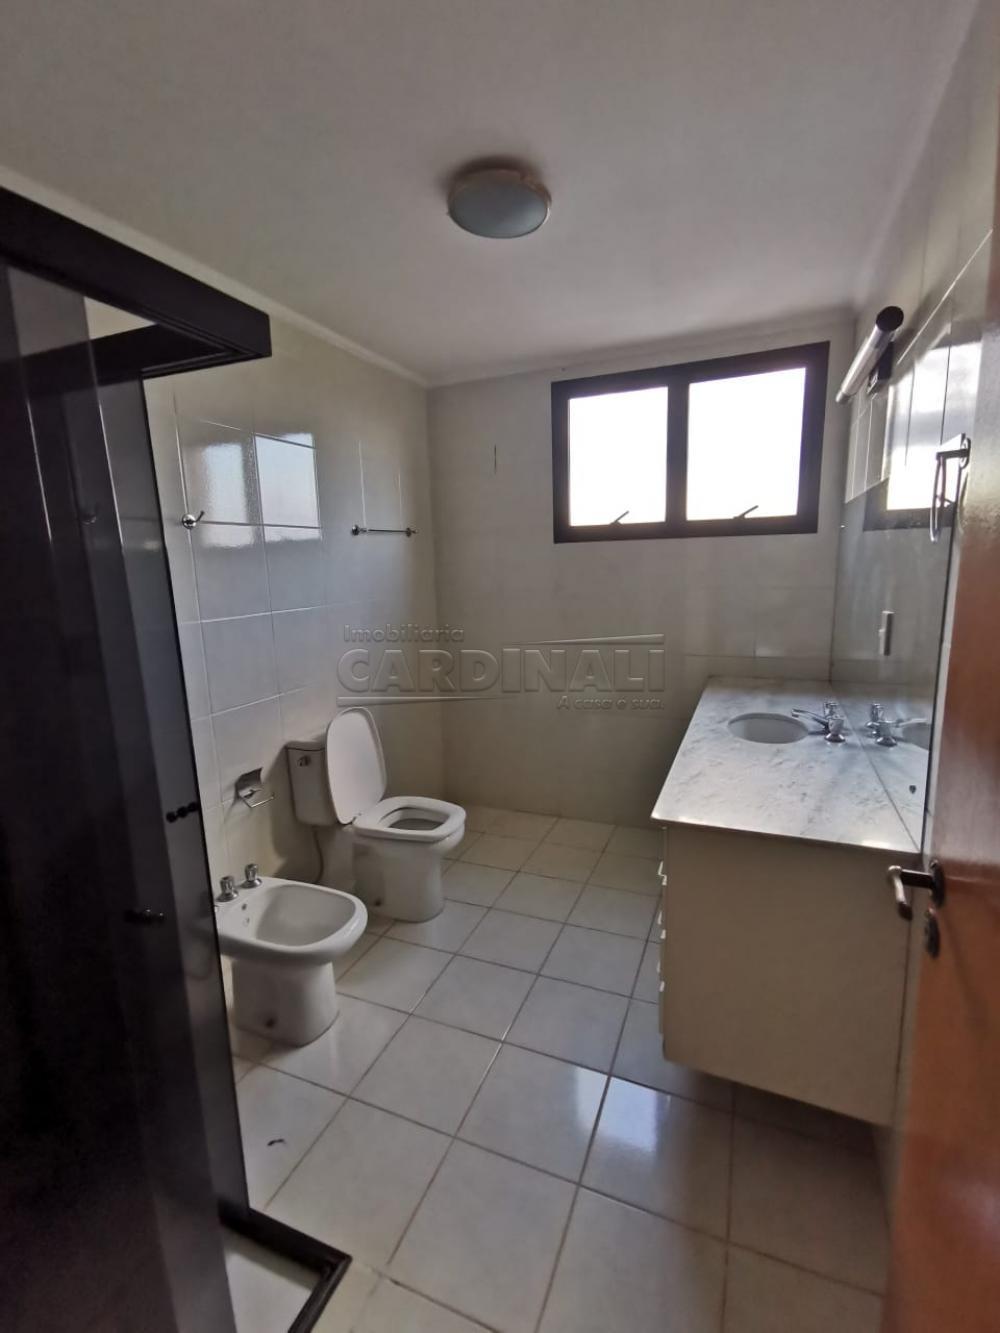 Alugar Apartamento / Padrão em Araraquara R$ 1.500,00 - Foto 12